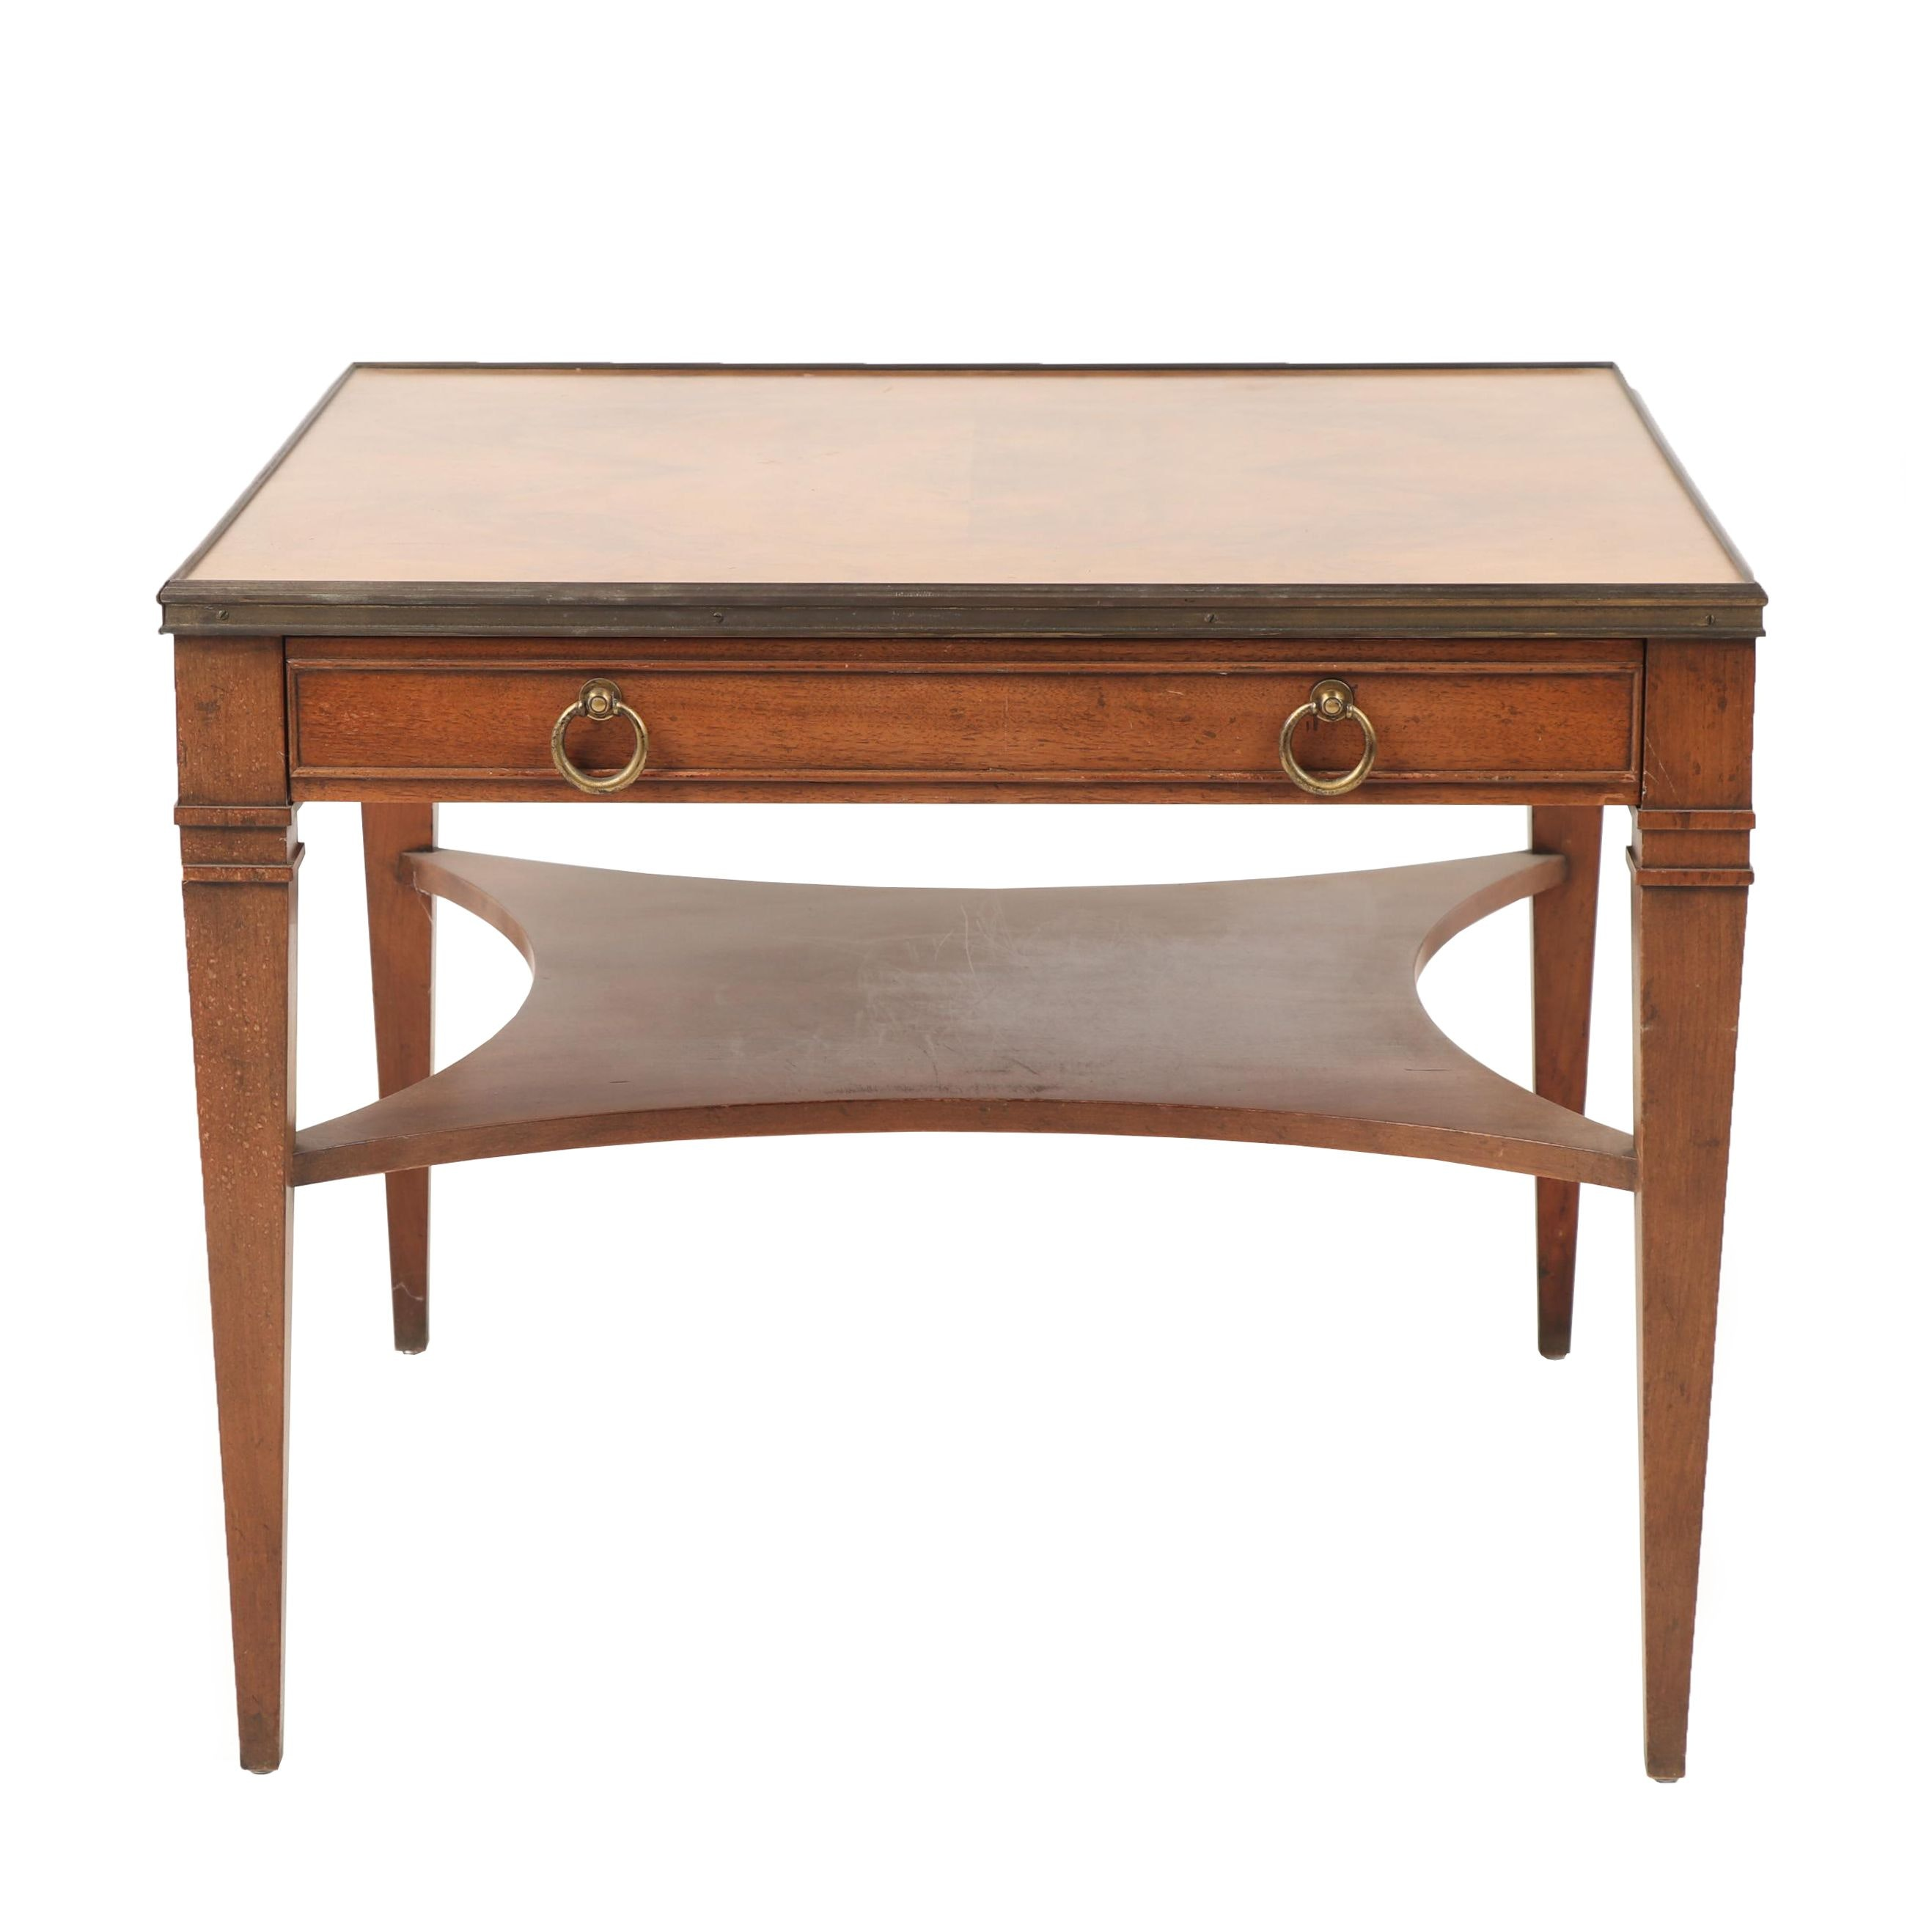 Baker Furniture Wooden Side Table